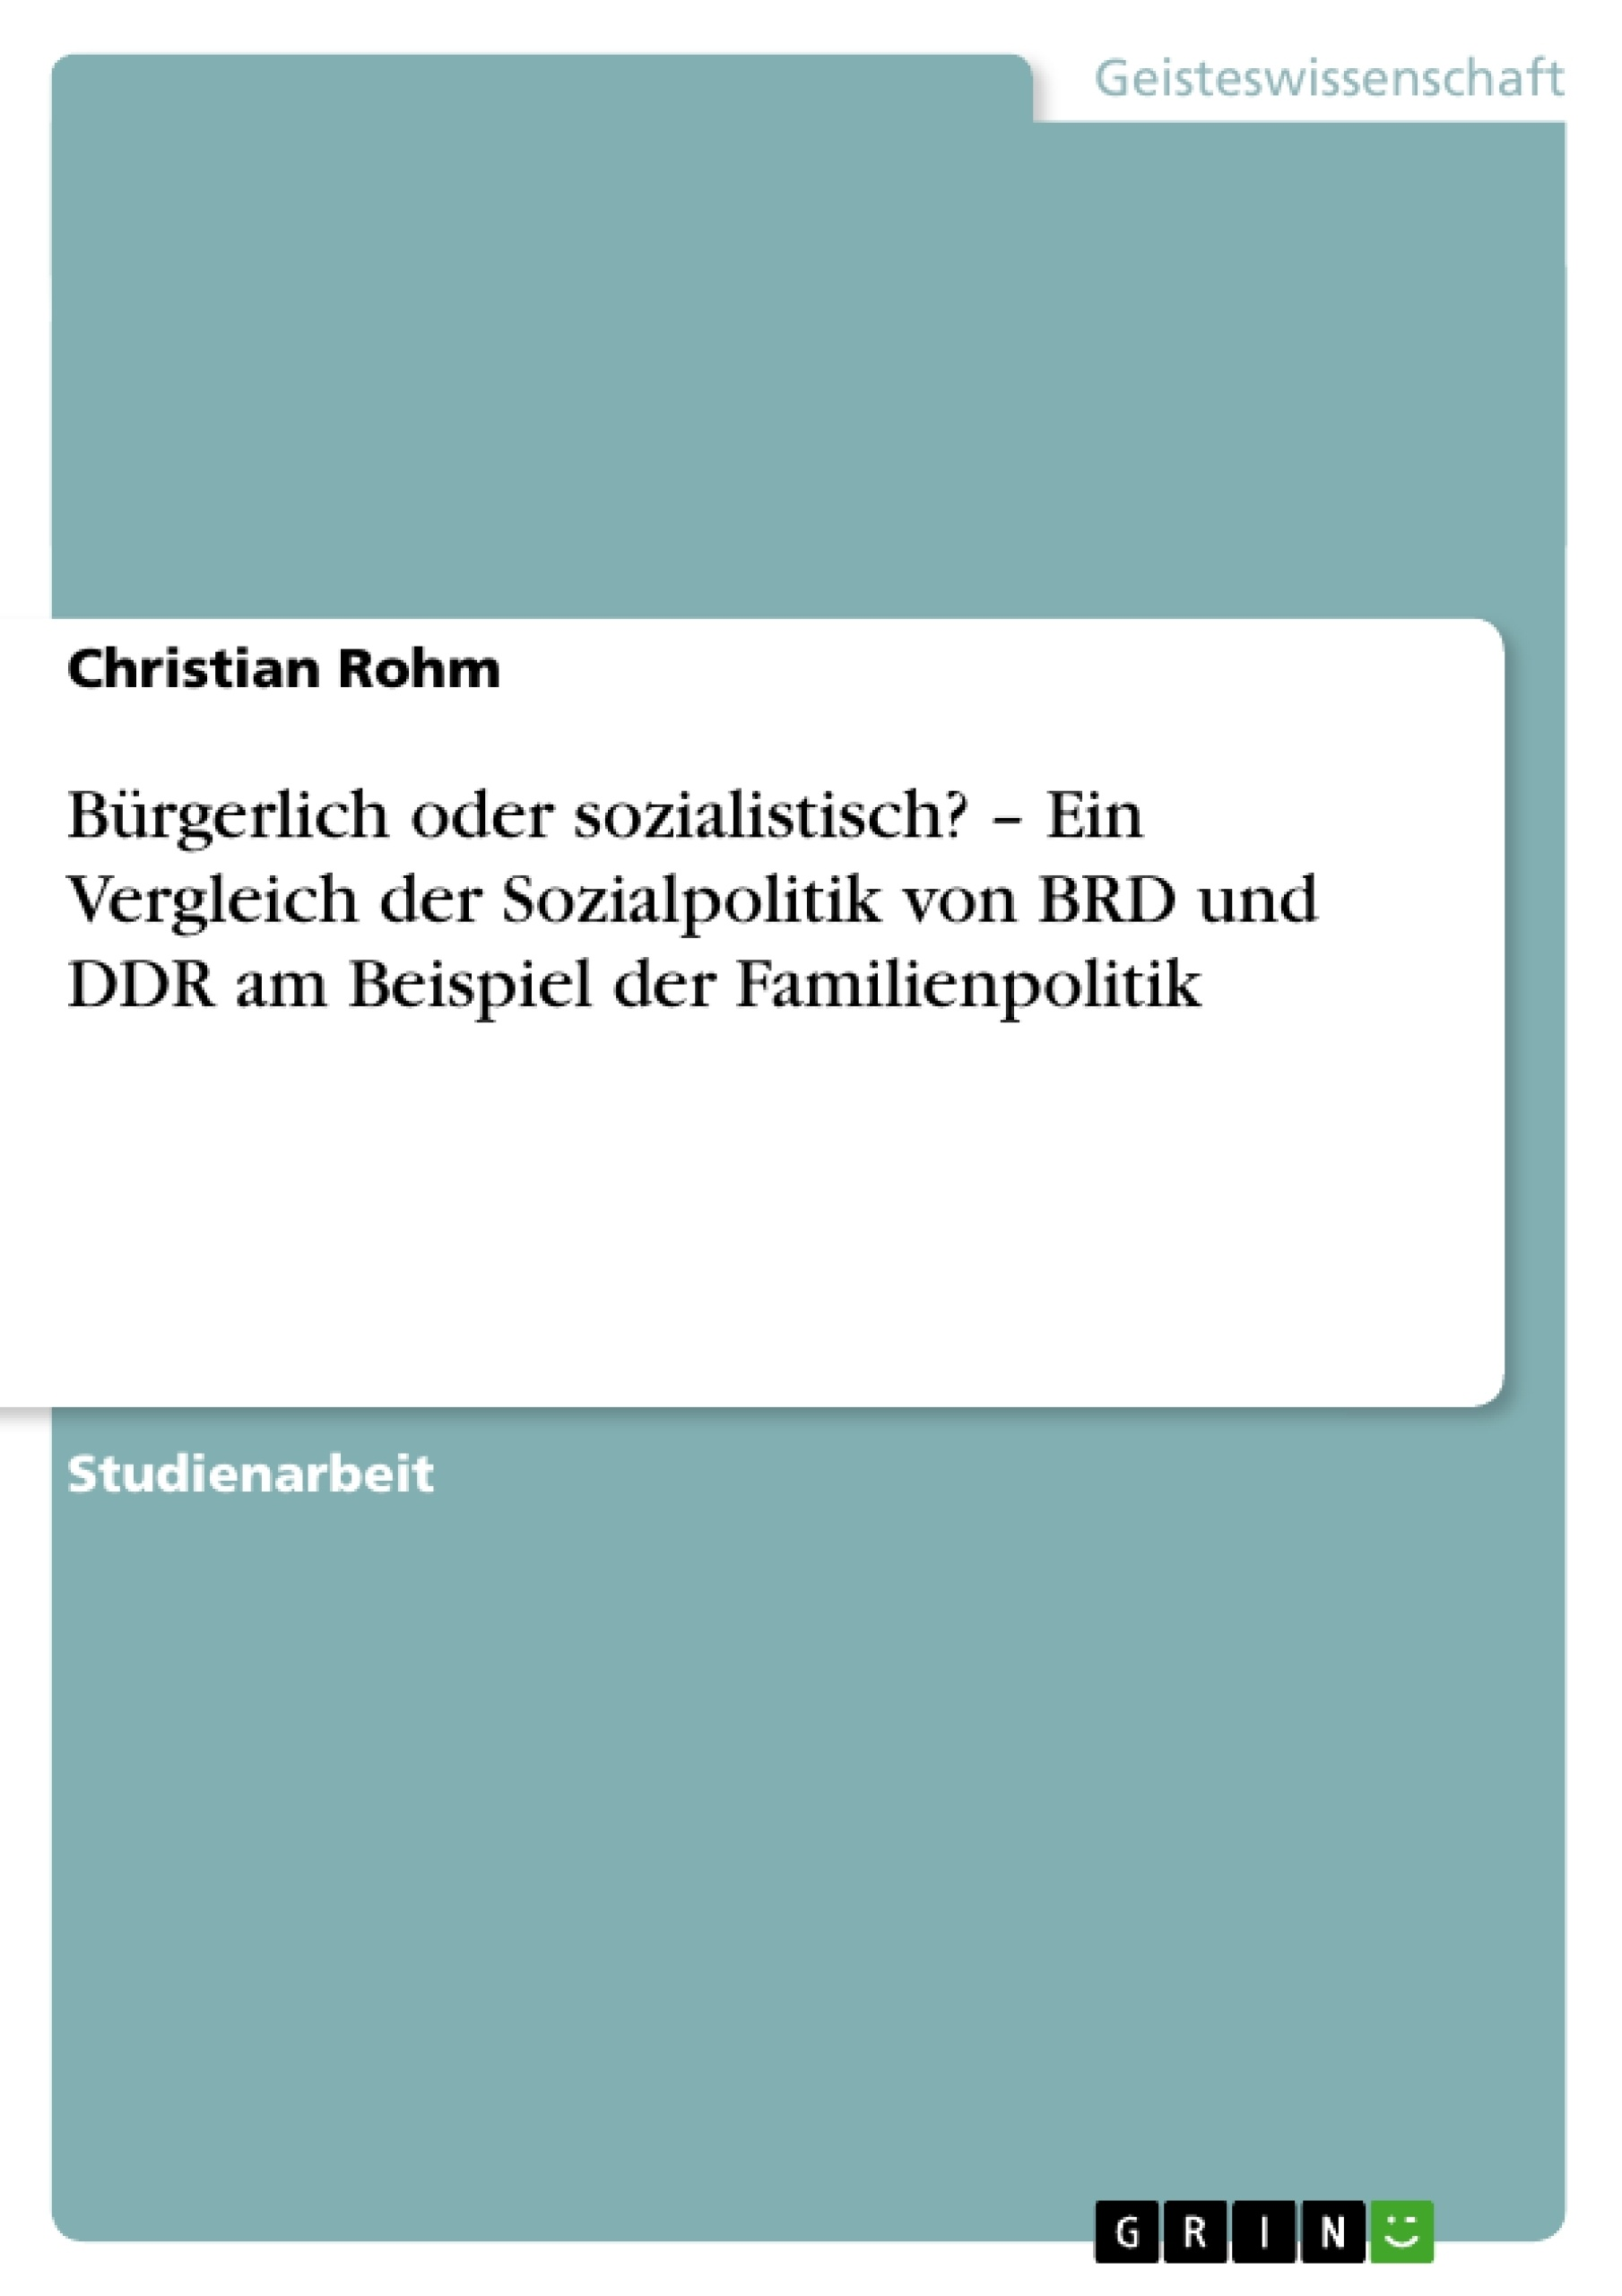 Titel: Bürgerlich oder sozialistisch? – Ein Vergleich der Sozialpolitik von BRD und DDR am Beispiel der Familienpolitik